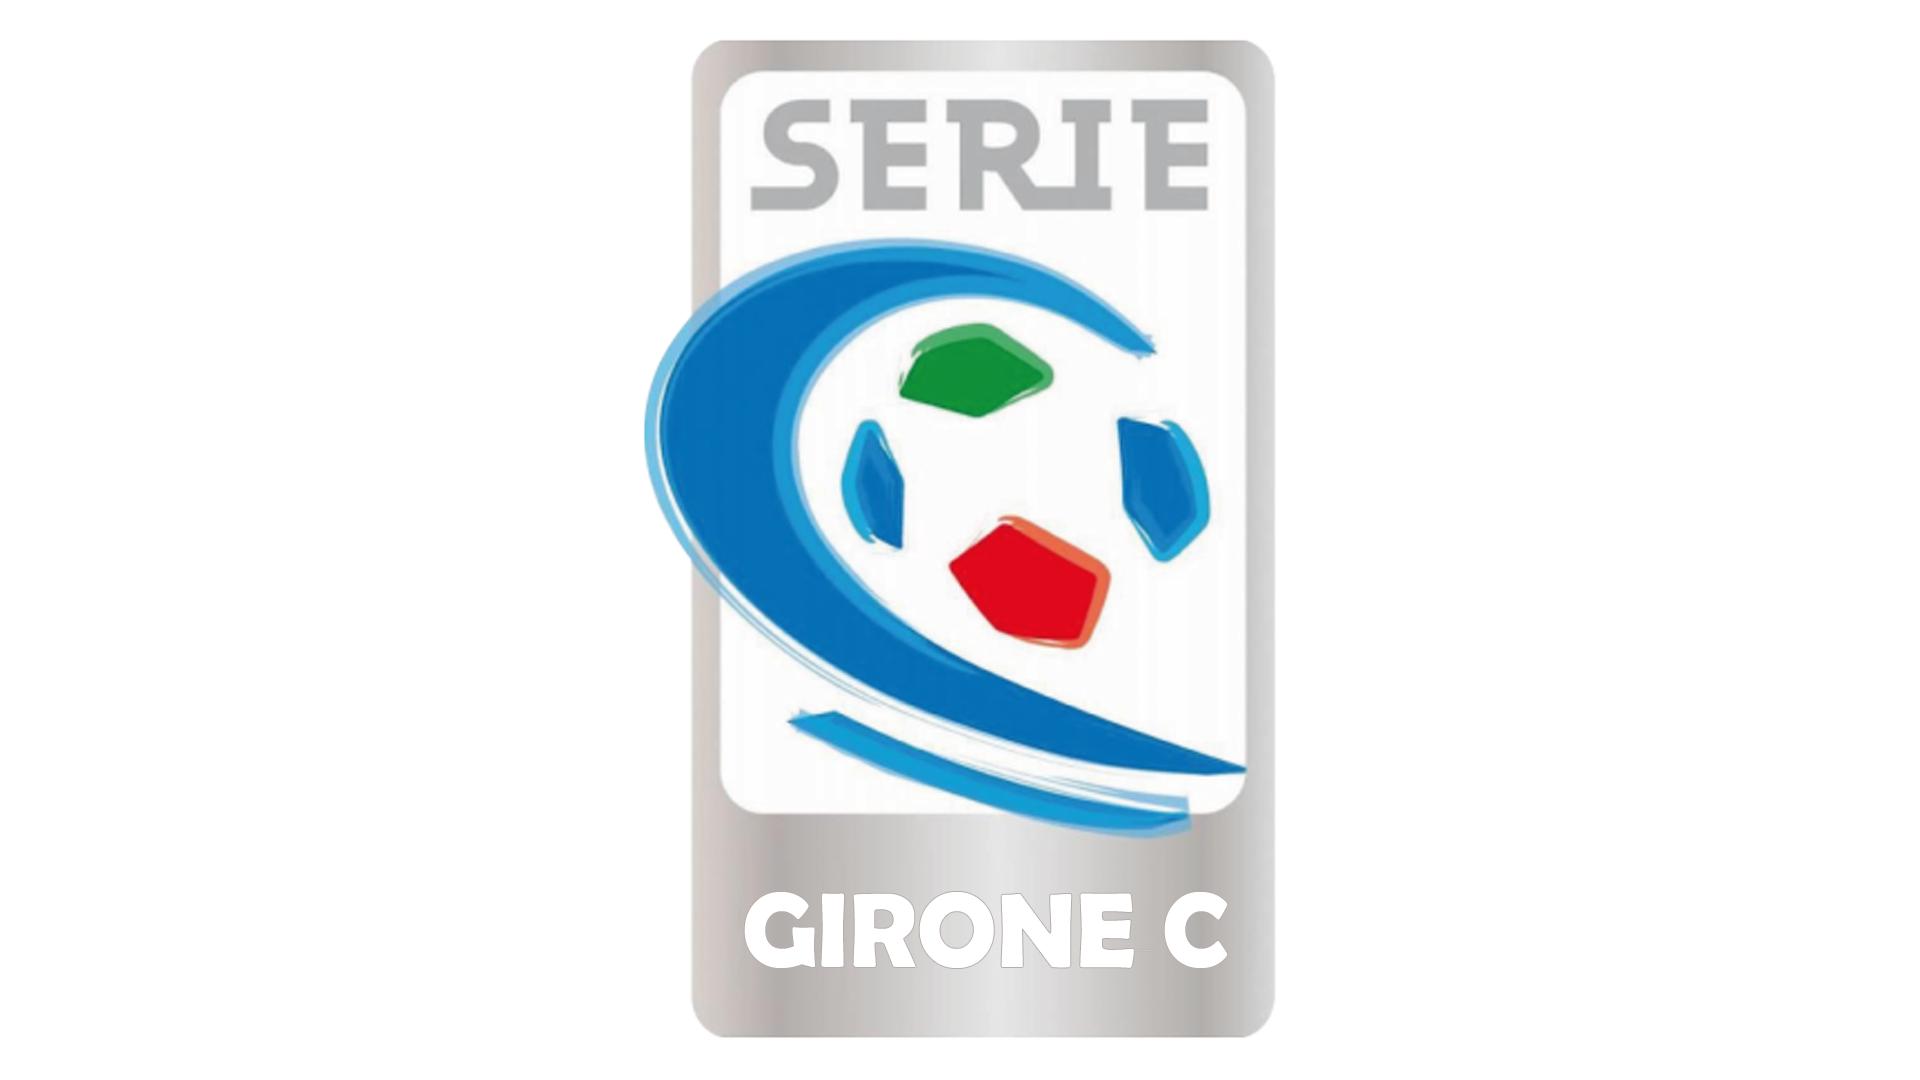 Calendario Lega Pro Girone B Orari.Calendario Serie C Girone C 2018 2019 Goal Com